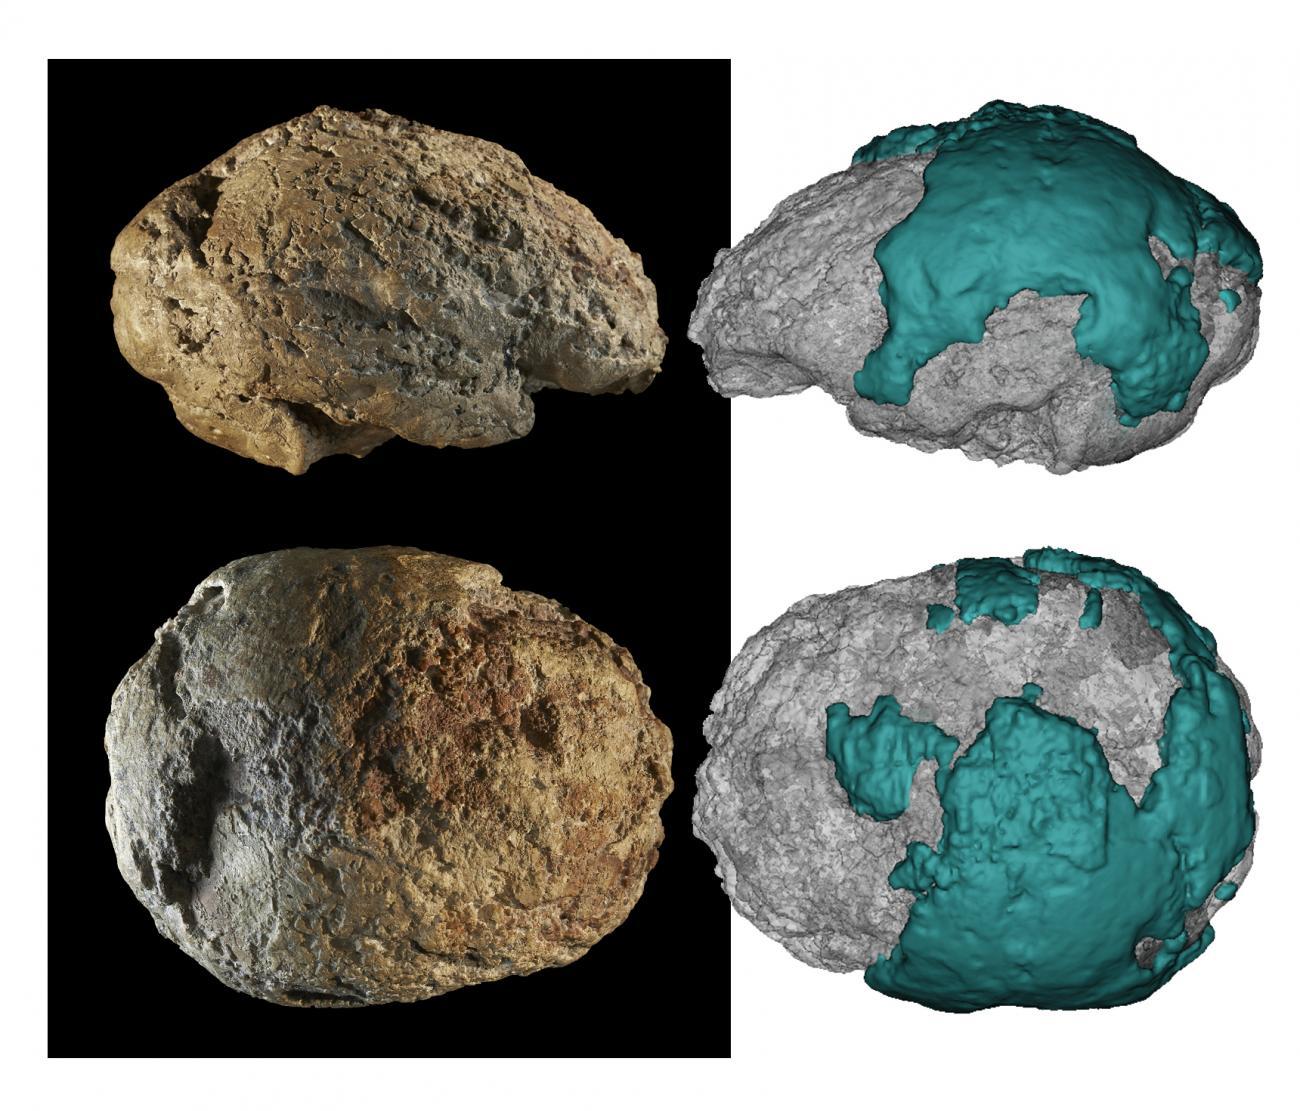 Molde interior natural de cráneo neandertal hallado en Gánovce (Eslovaquia). Foto: Eisova et al.